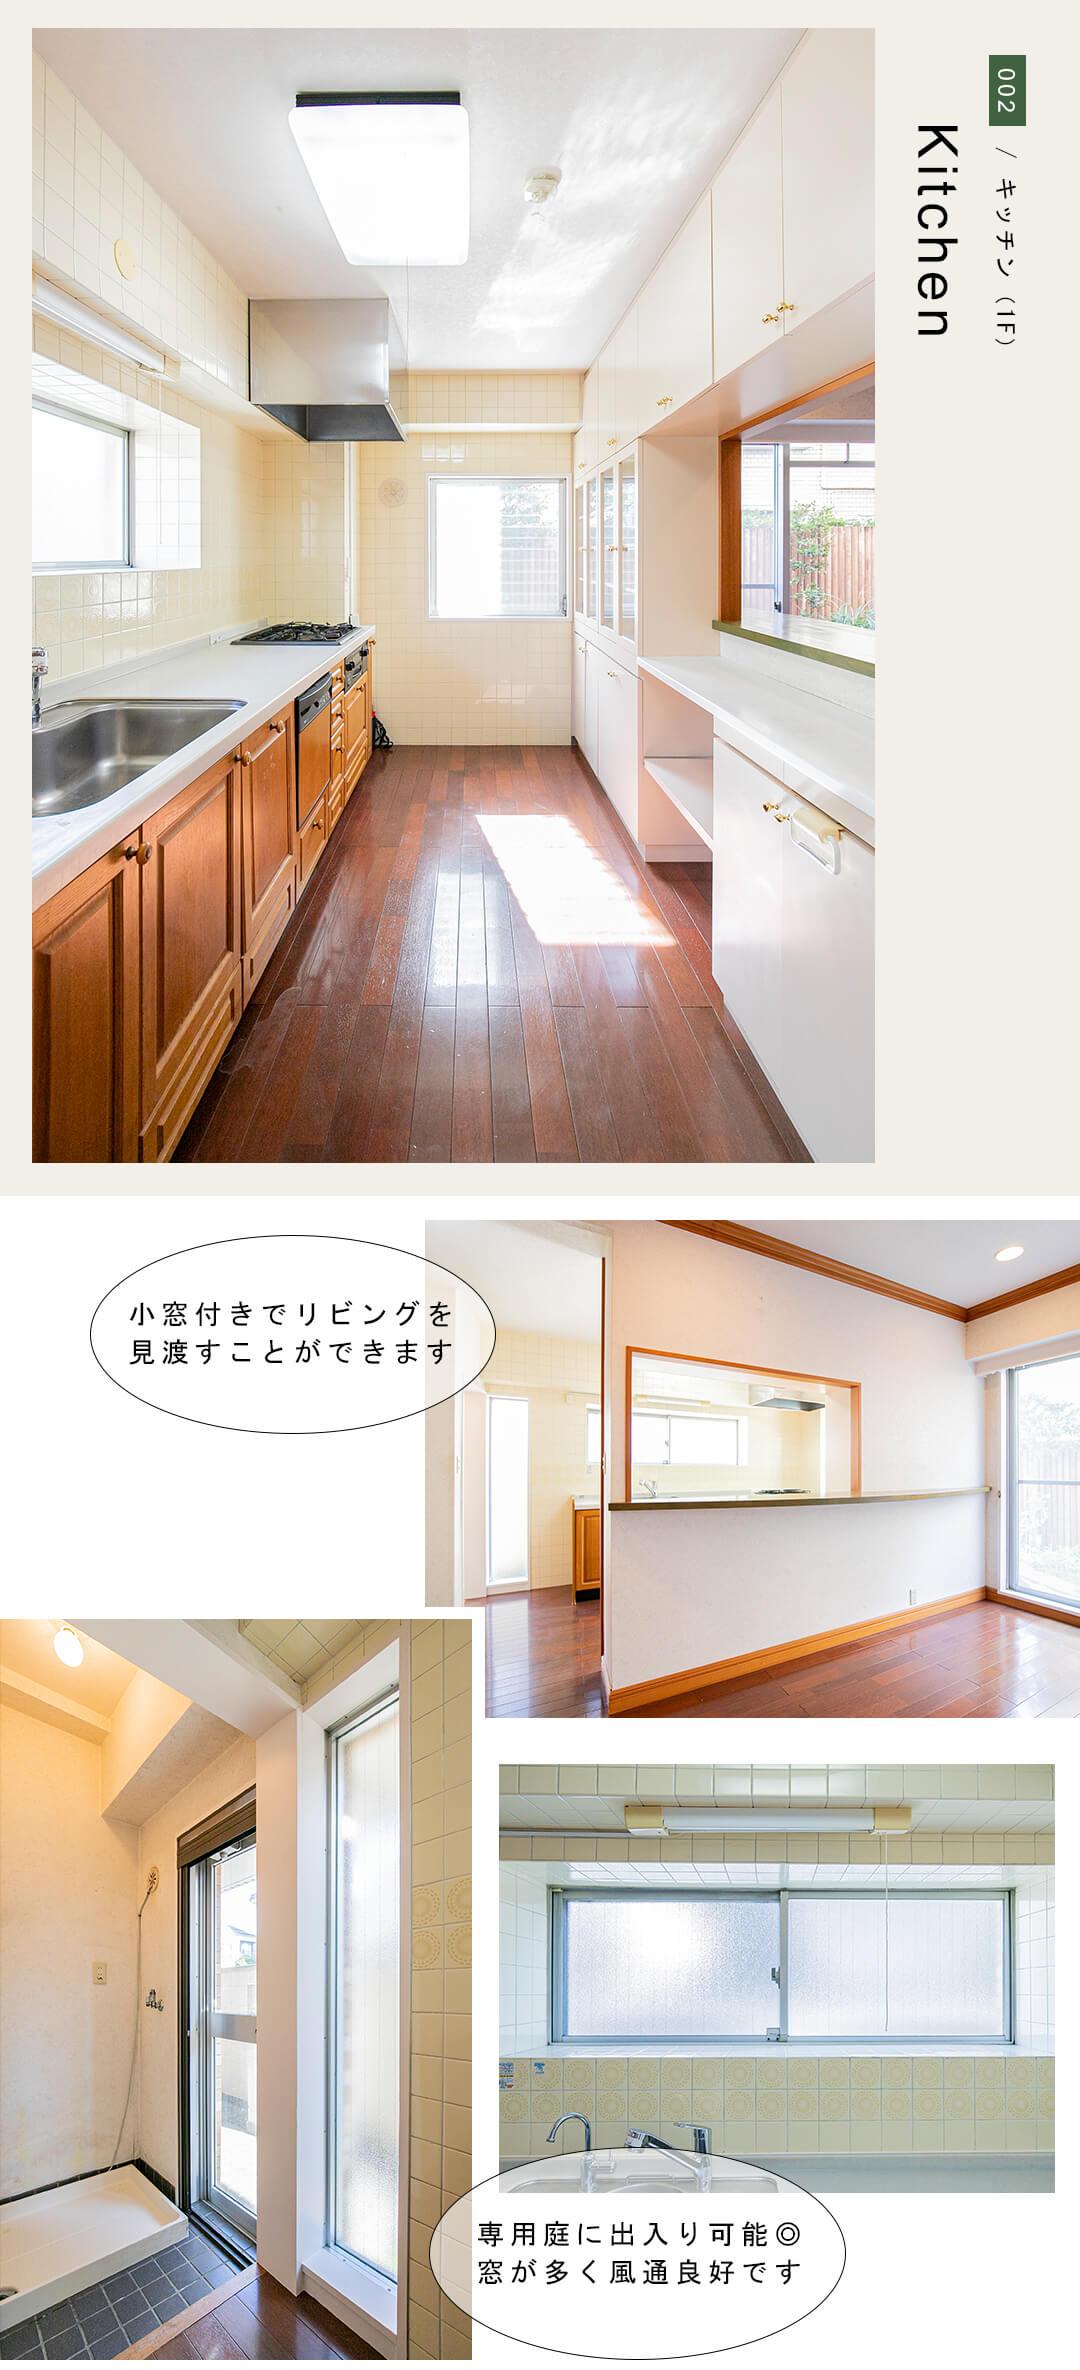 第2経堂シティハウスのキッチン